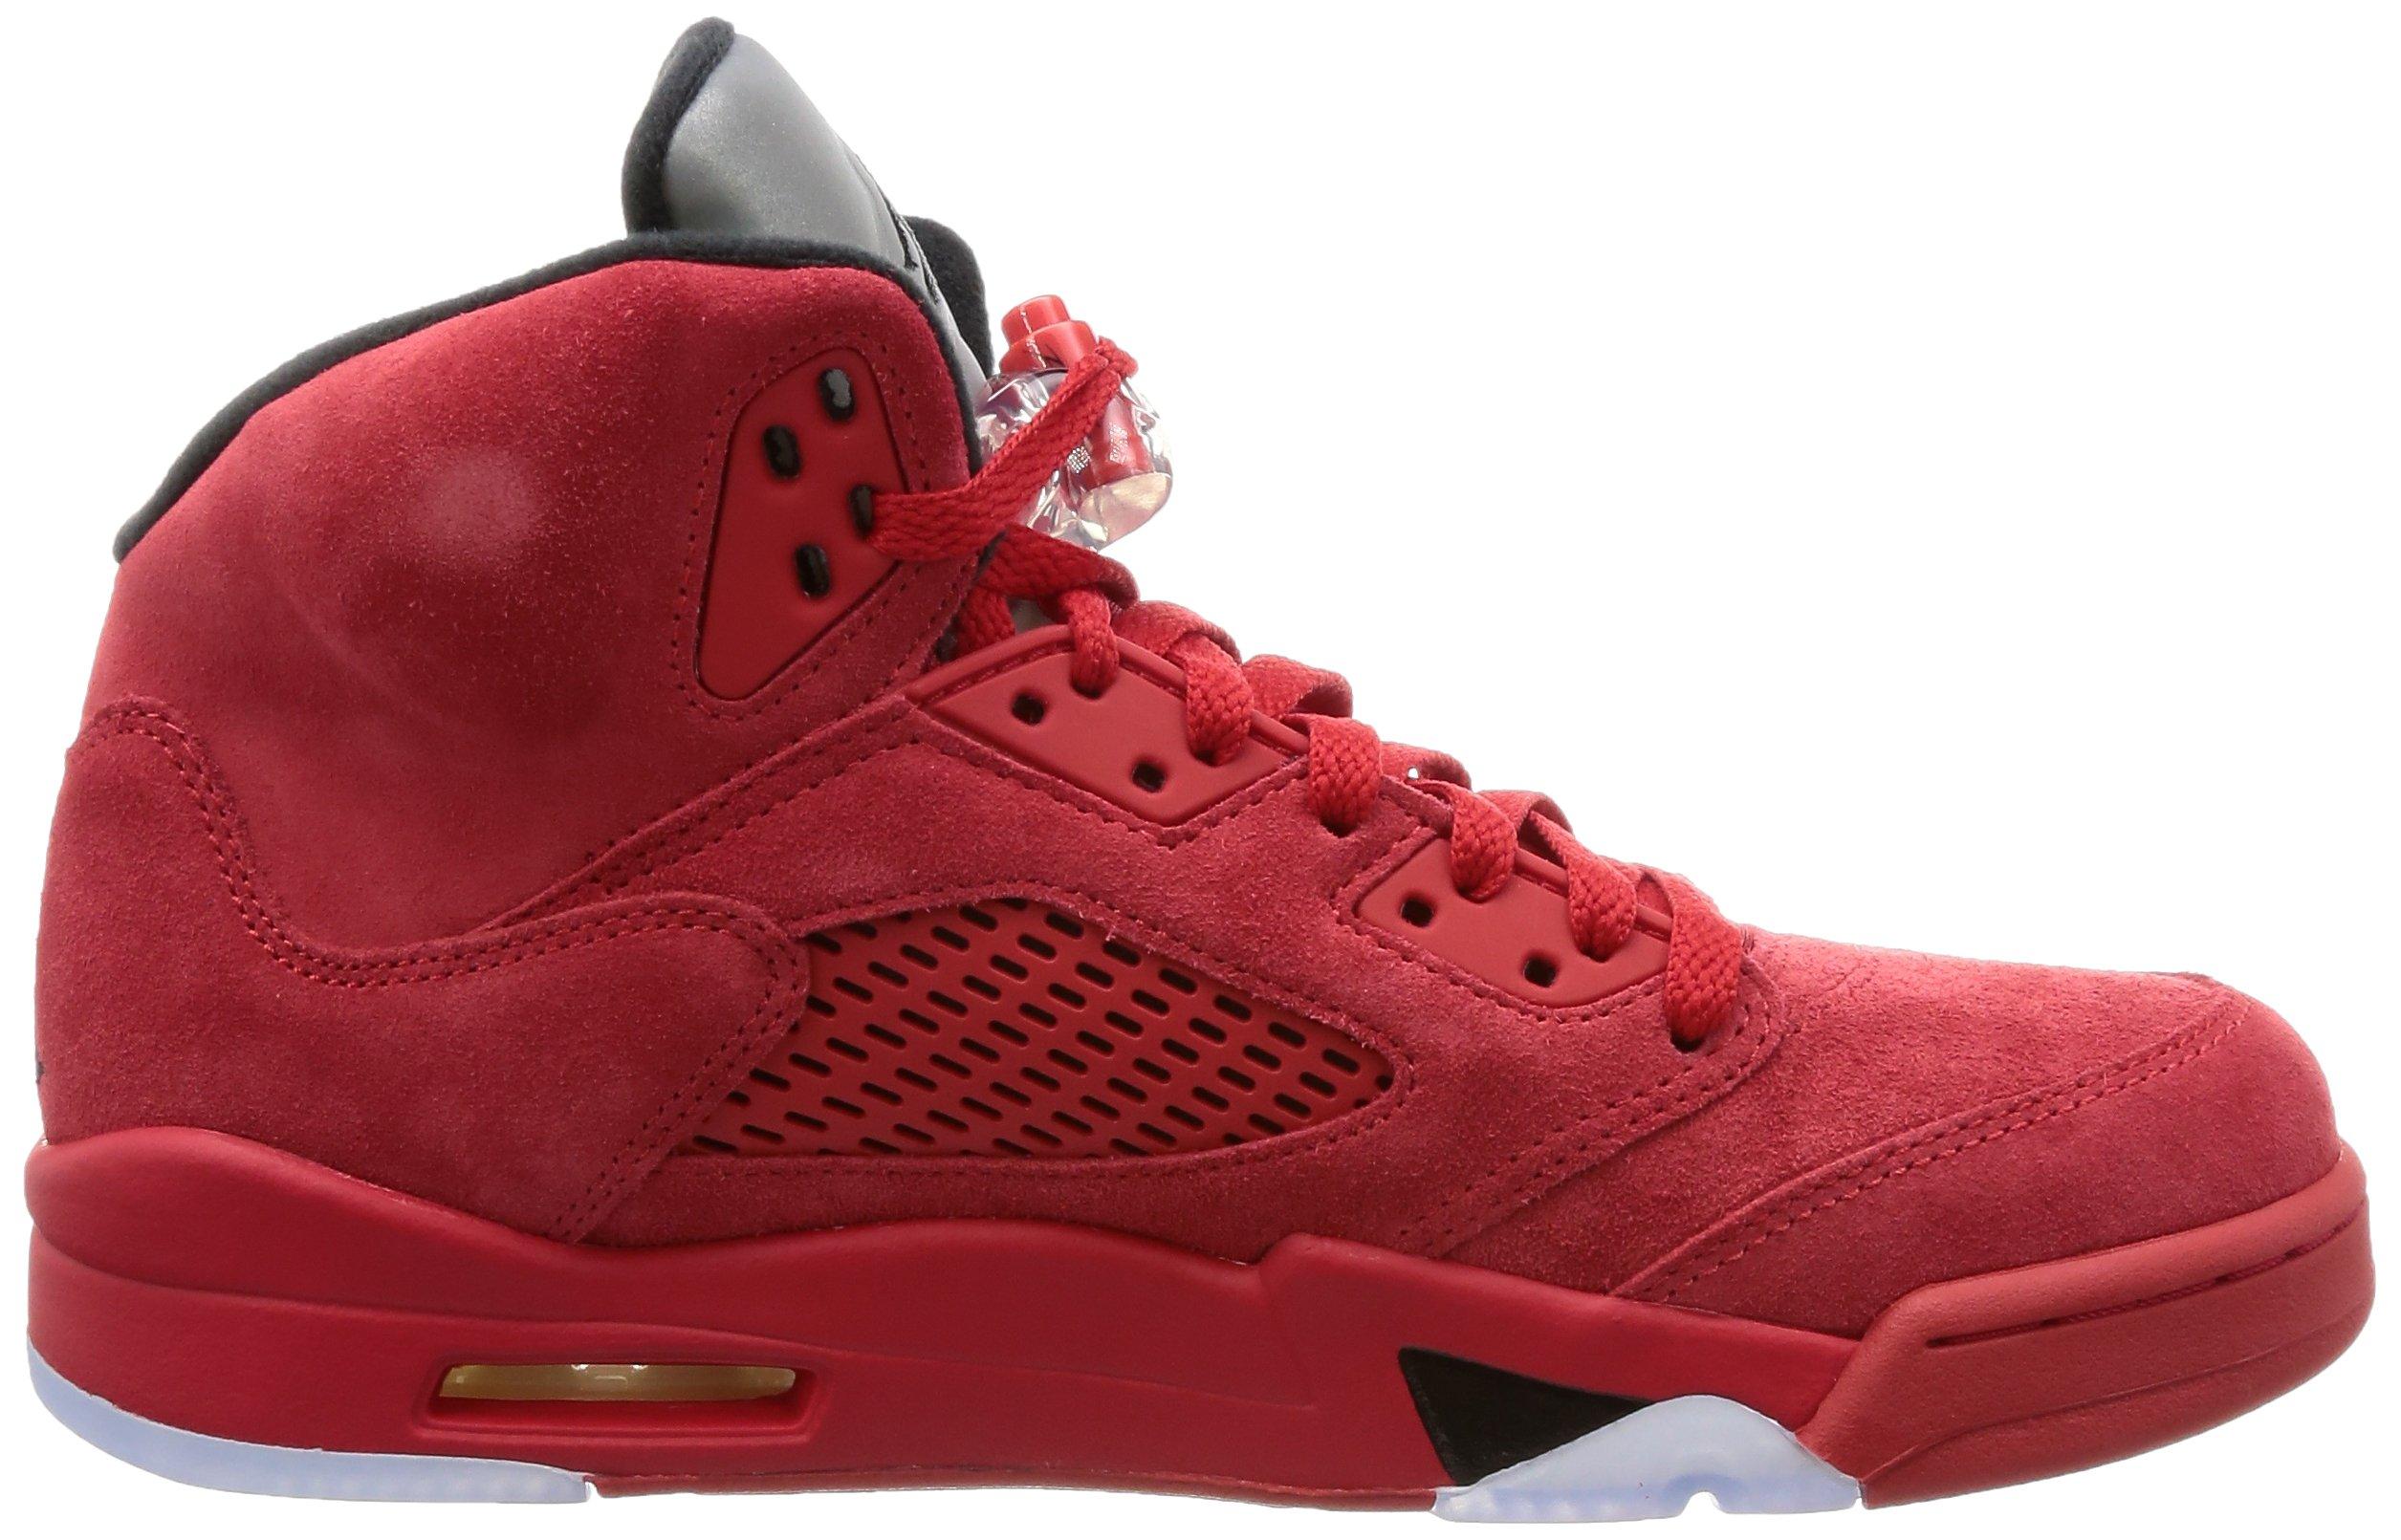 81aDPcweYnL - Nike Air Jordan 5 Retro 'Red Suede' - 136027-602 - Size 9 -